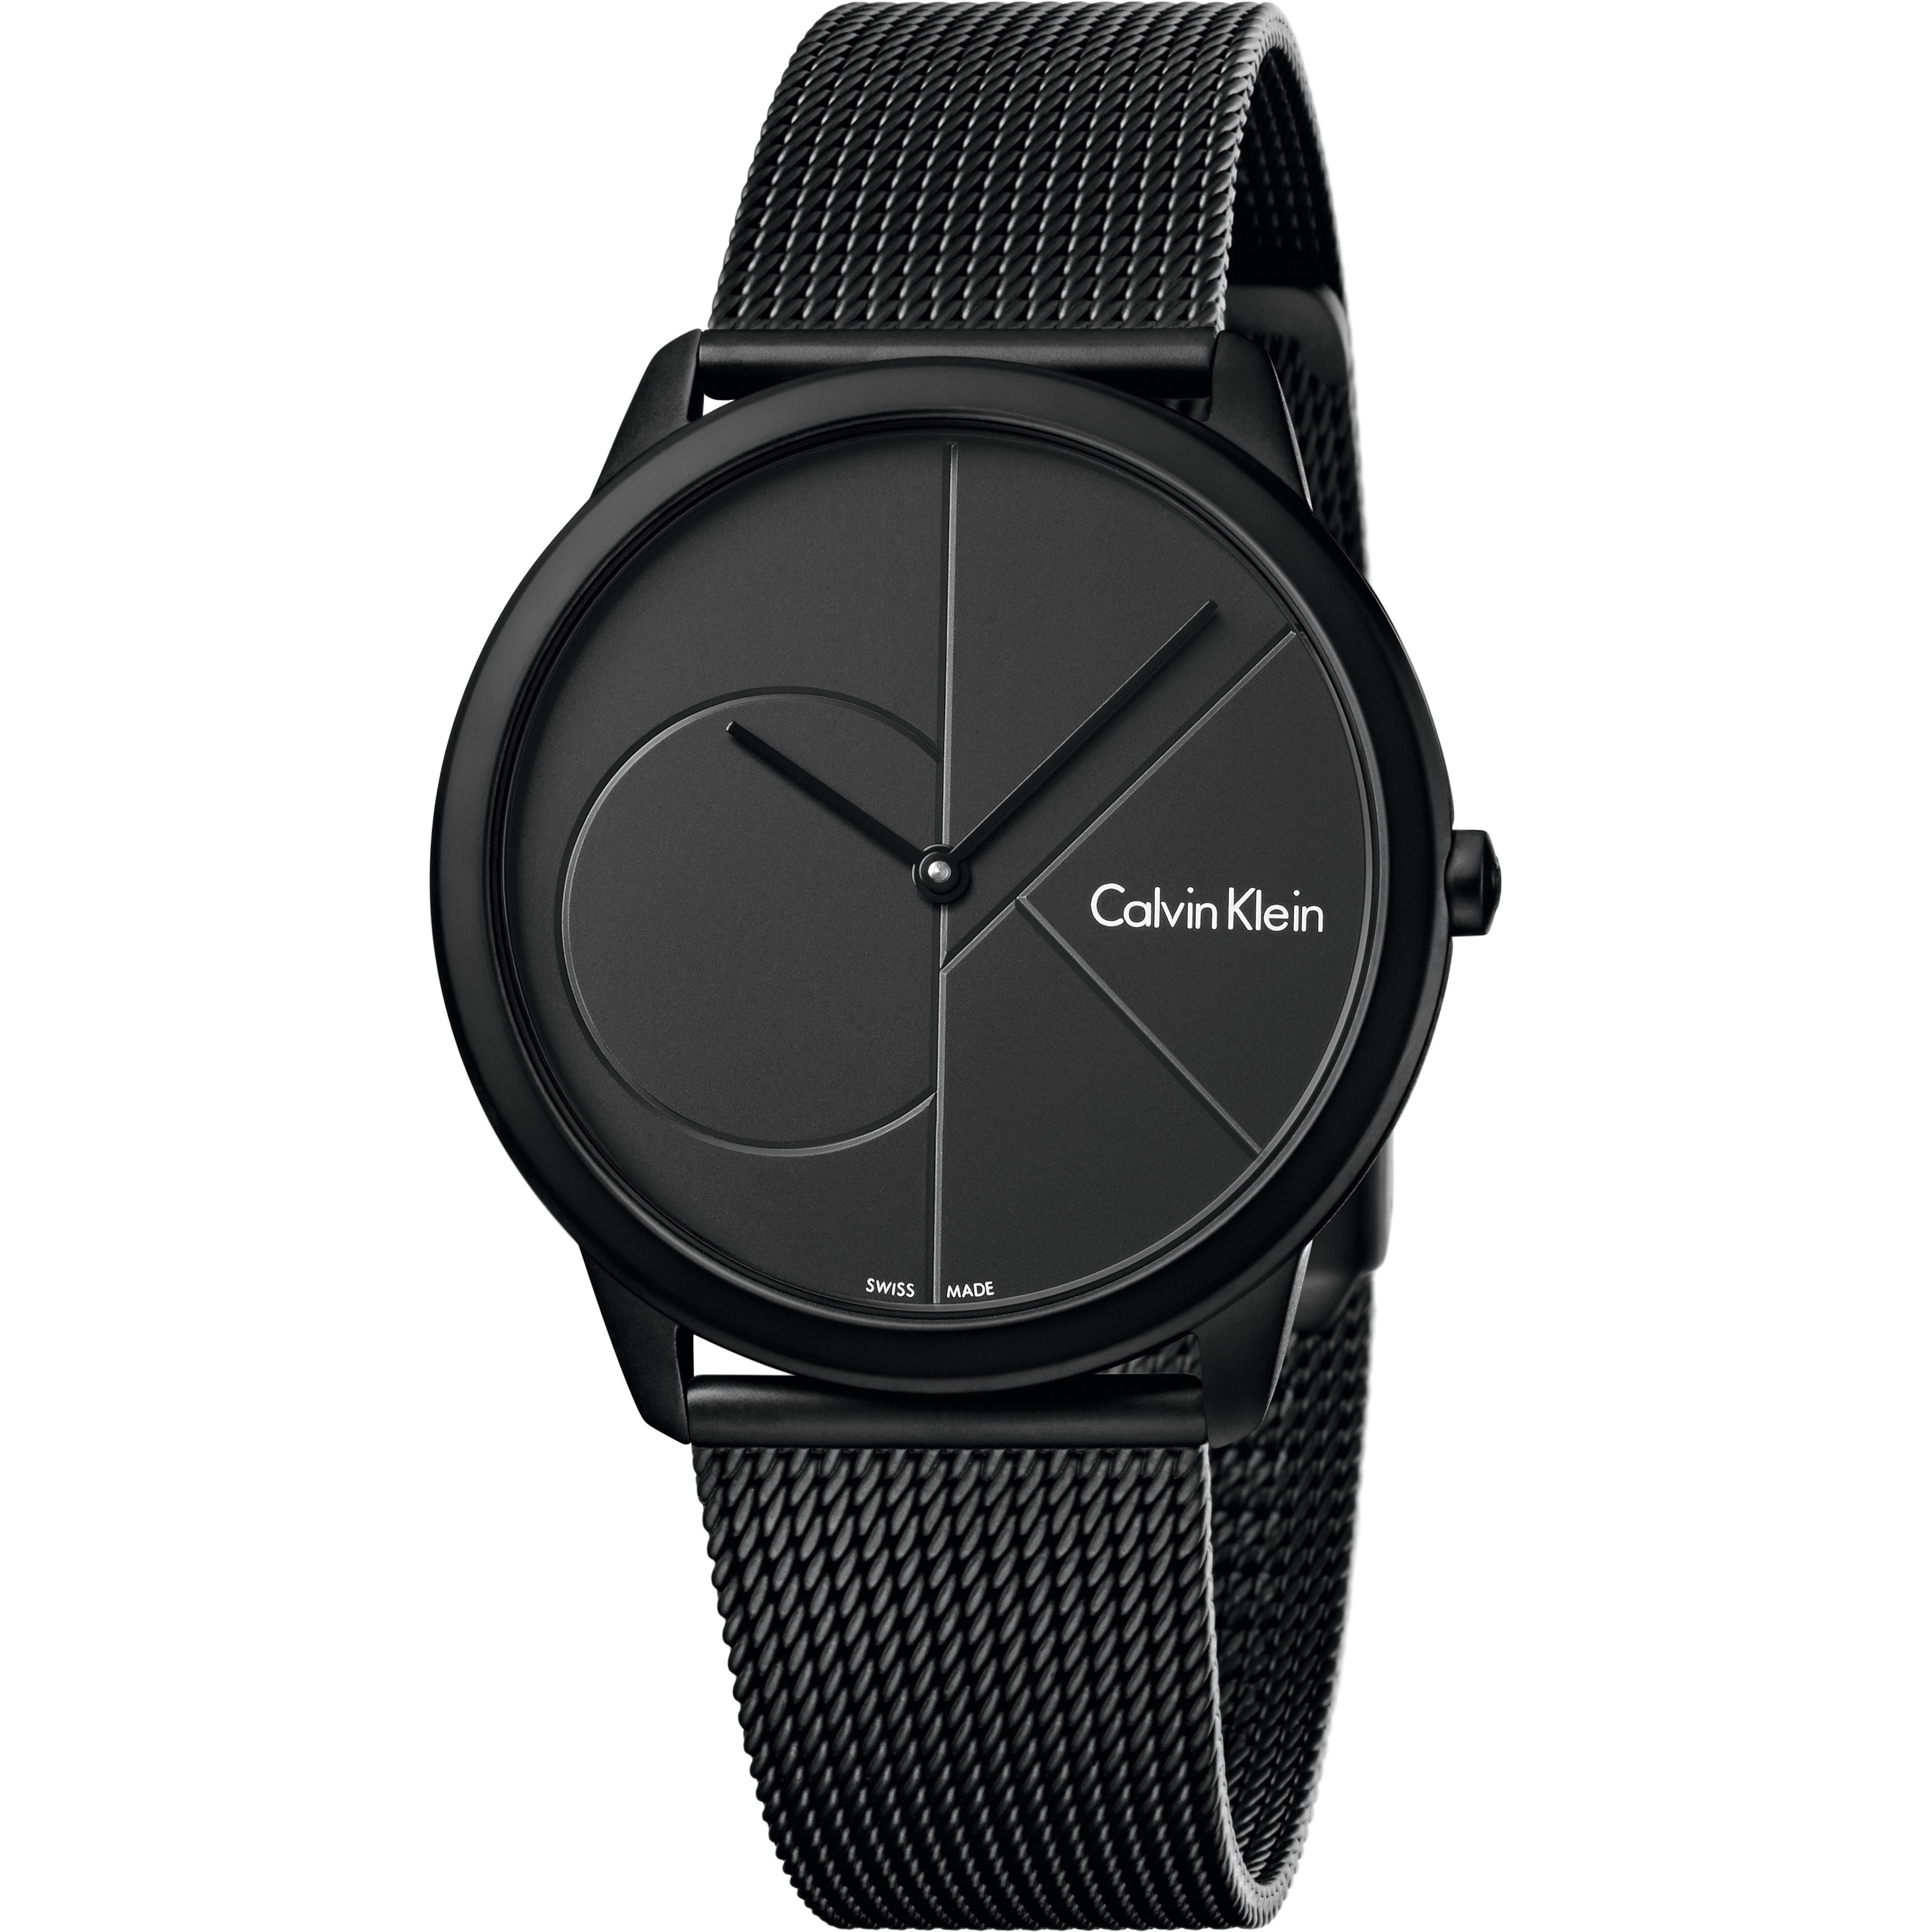 559771f83 Unisex Calvin Klein Minimal 40mm Watch (K3M514B1)